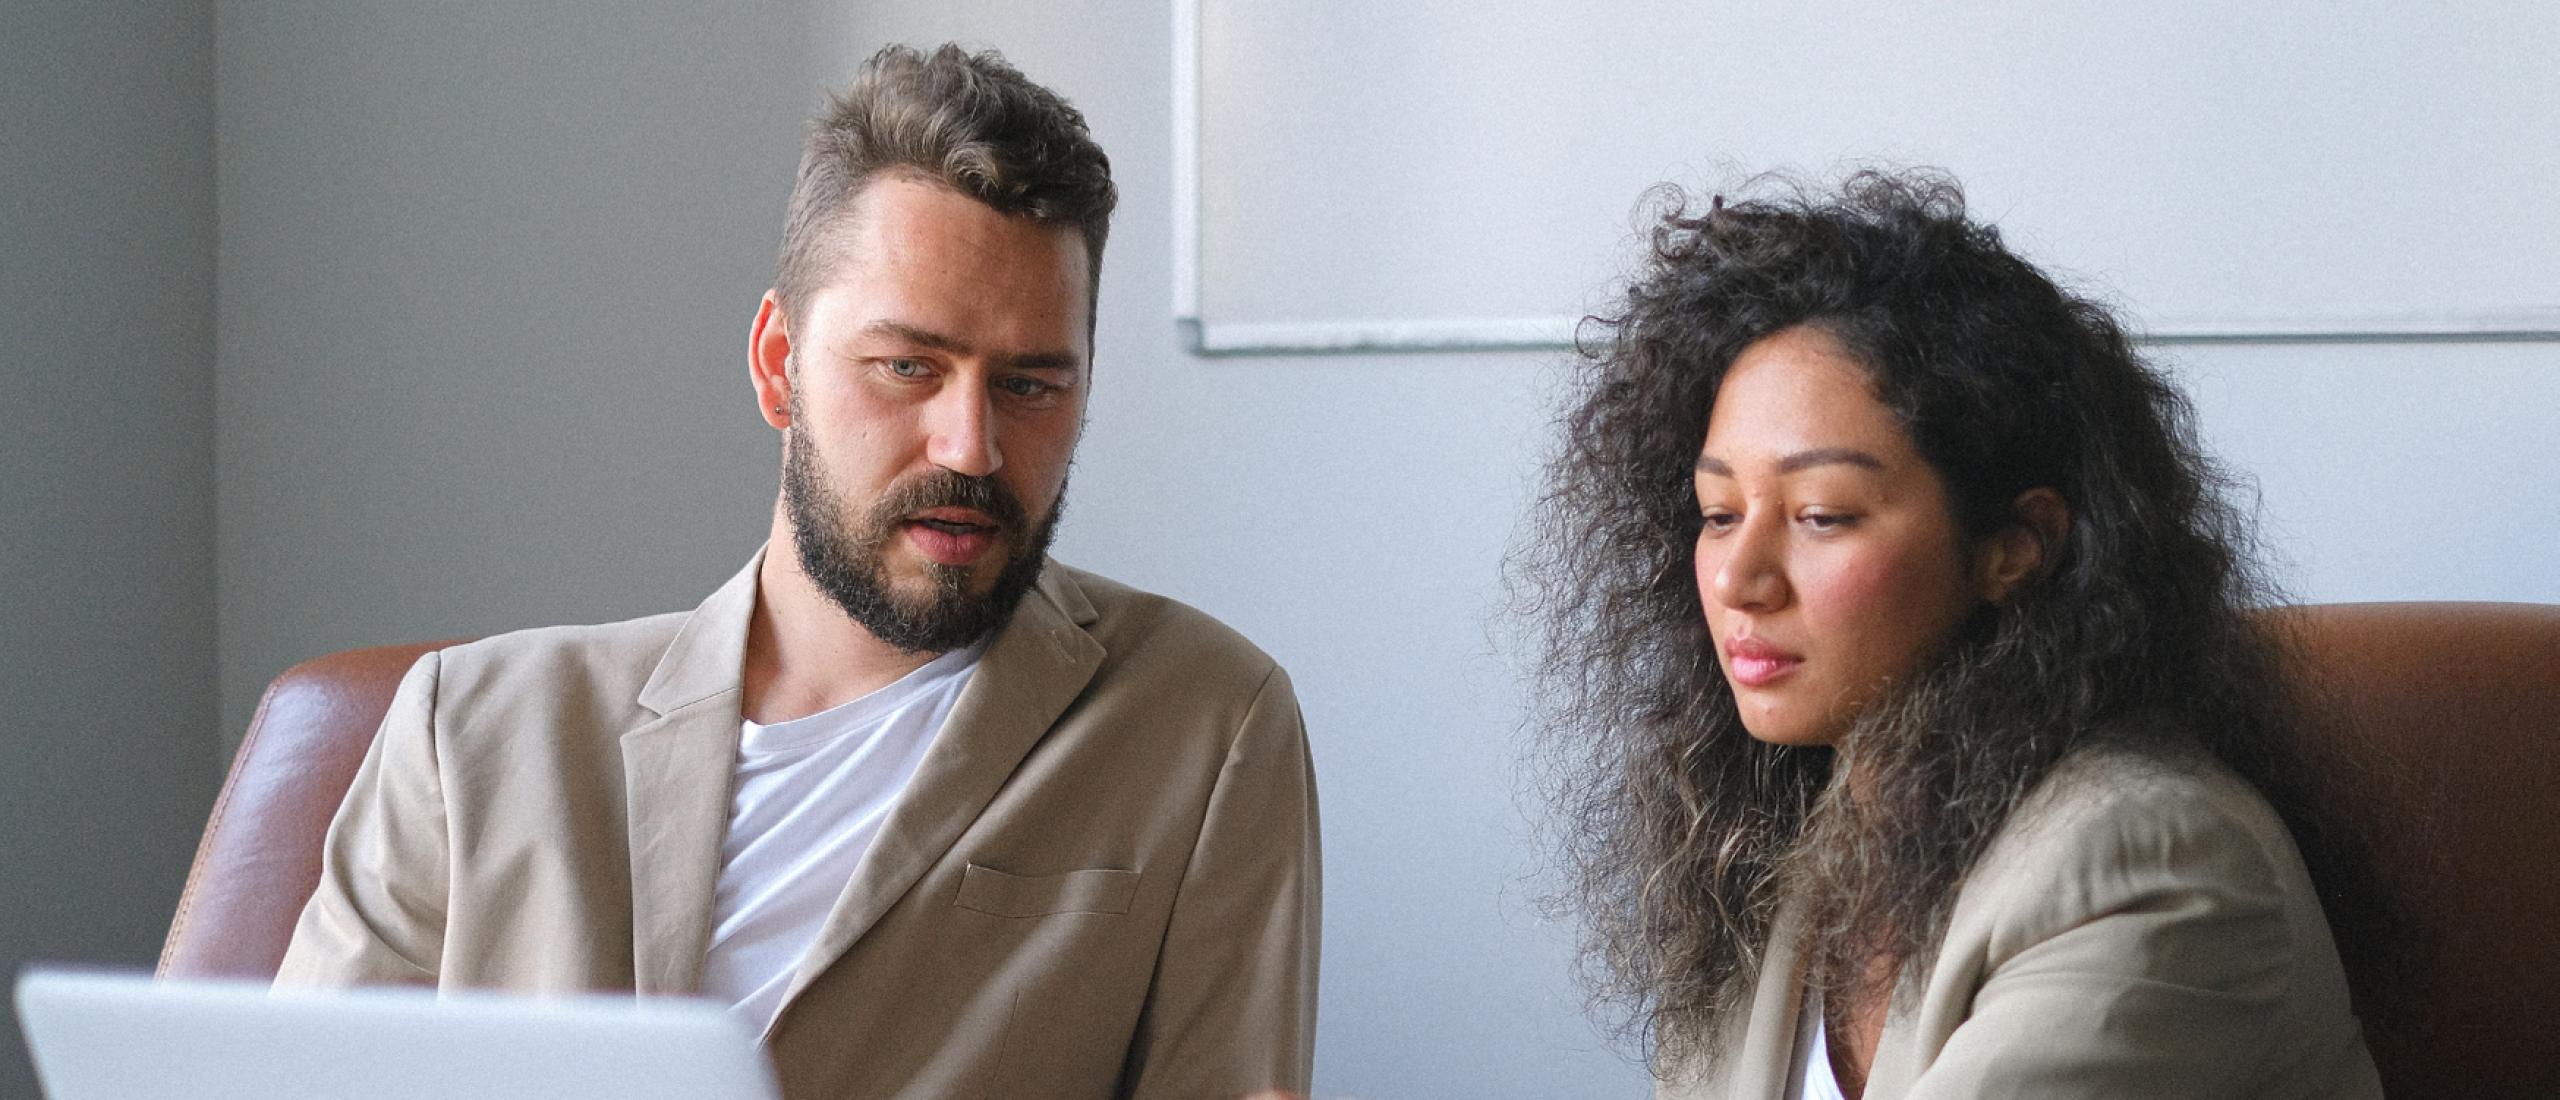 De integrator als rechterhand van een MKB- of KMO ondernemer. En de grootste fouten die gemaakt worden over de invulling van deze rol.